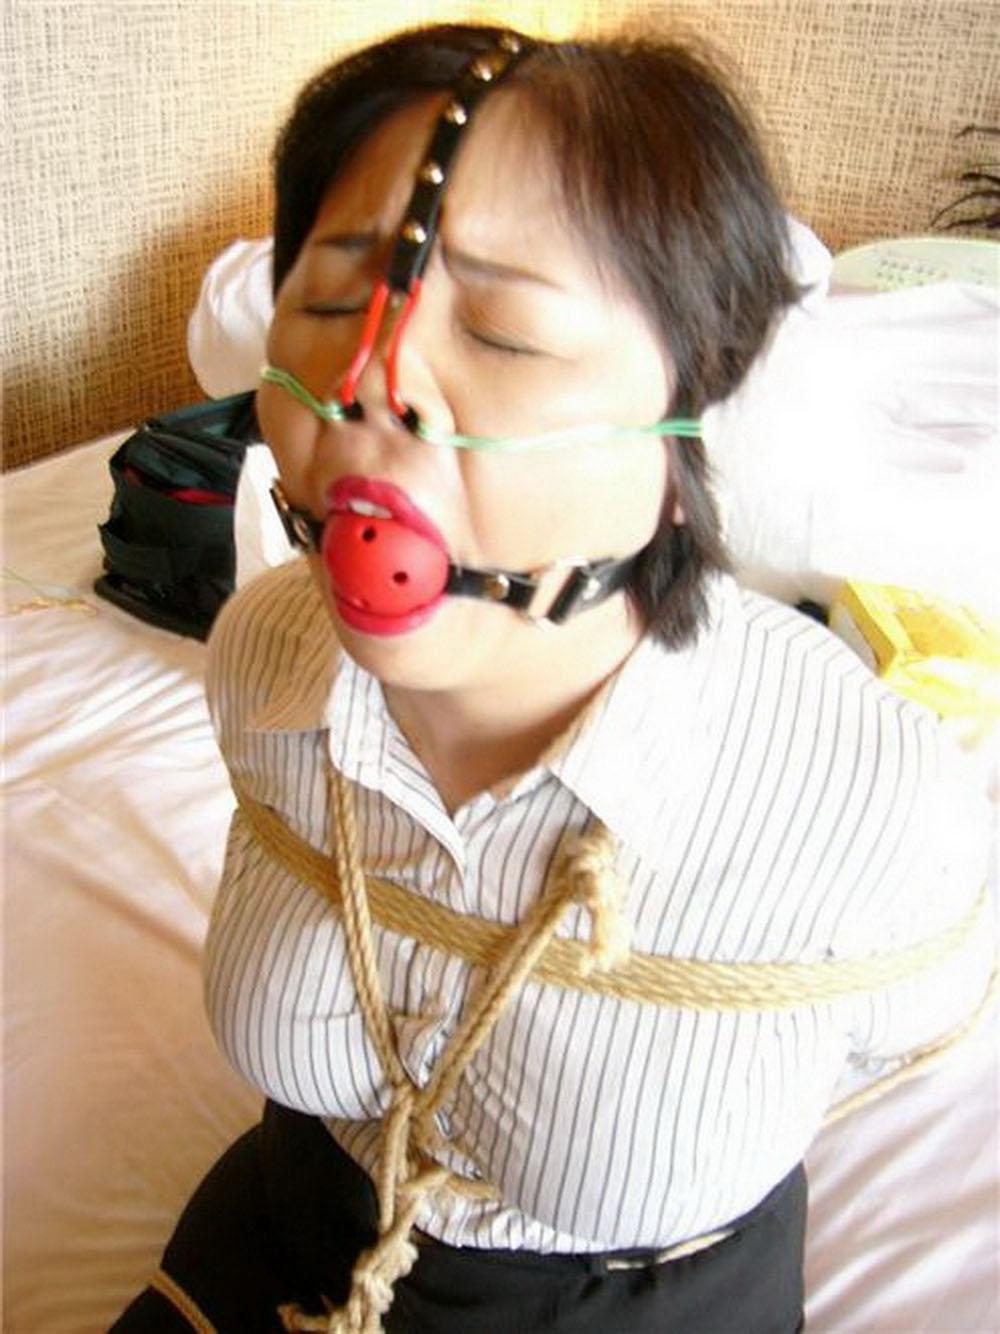 【SMエロ画像】変な顔にされて今どんな気持ち?鞭よりキツい鼻フック顔面責めwww 18